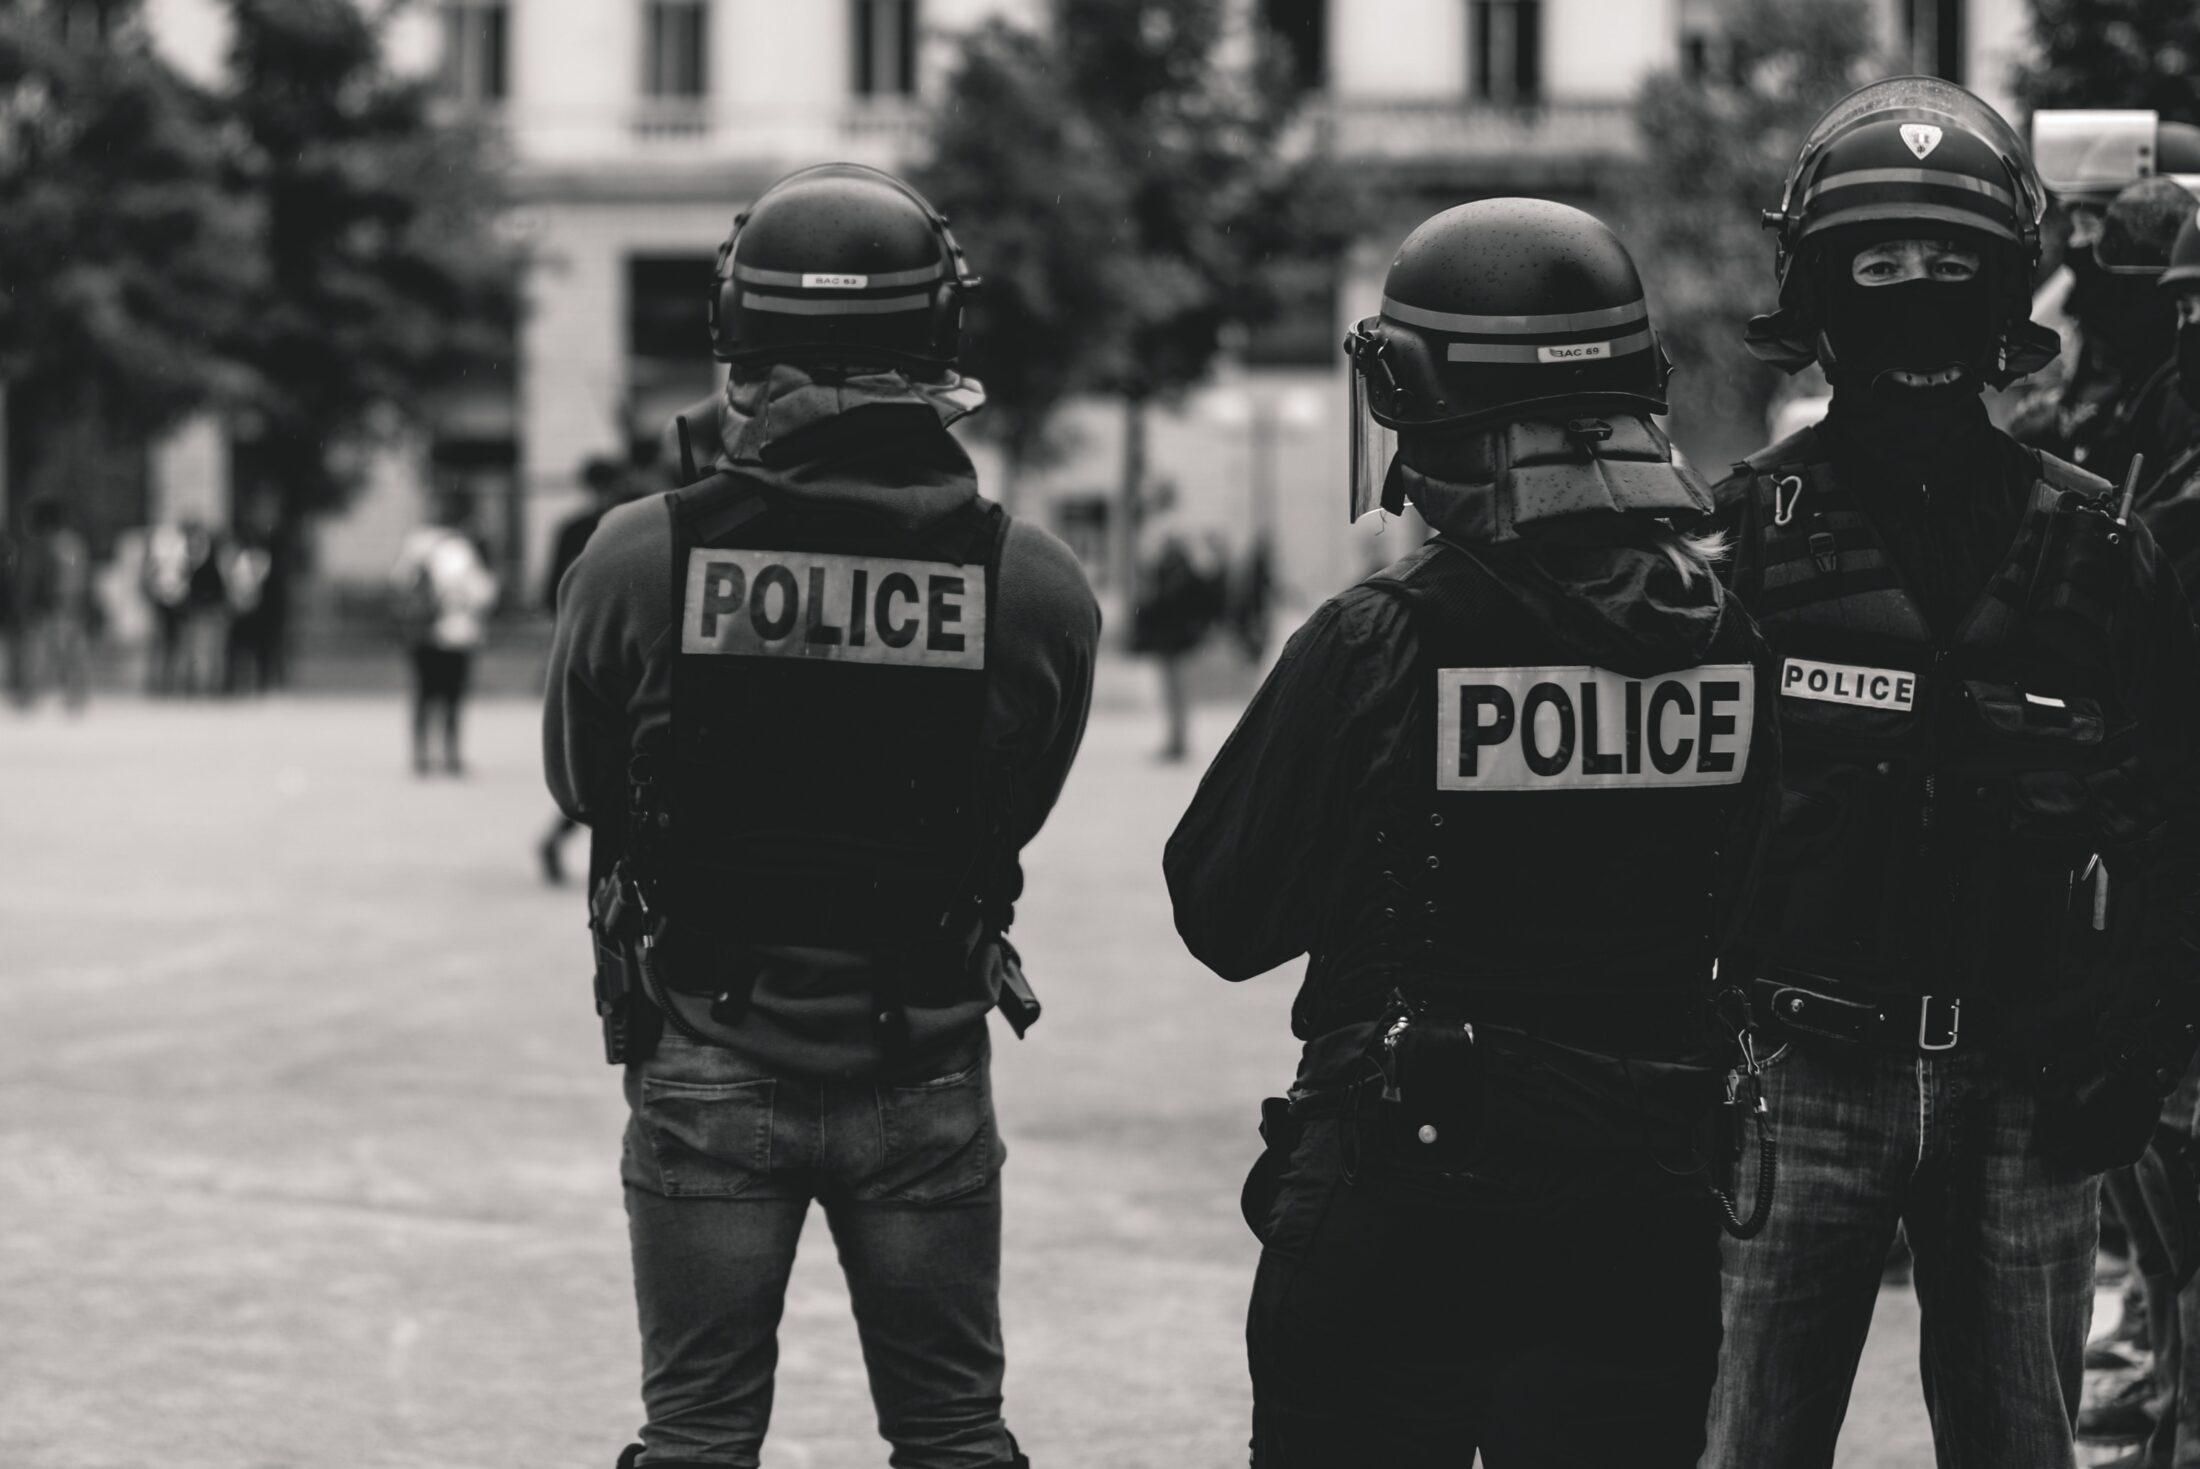 Տեսանյութ.Ադրբեջանցի ընդդիմադիր բլոգերին մահացած են գտել Թբիլիսիում,չեն բացառում, որ նրա մահը բխում է Ադրբեջանի կառավարության շահերից